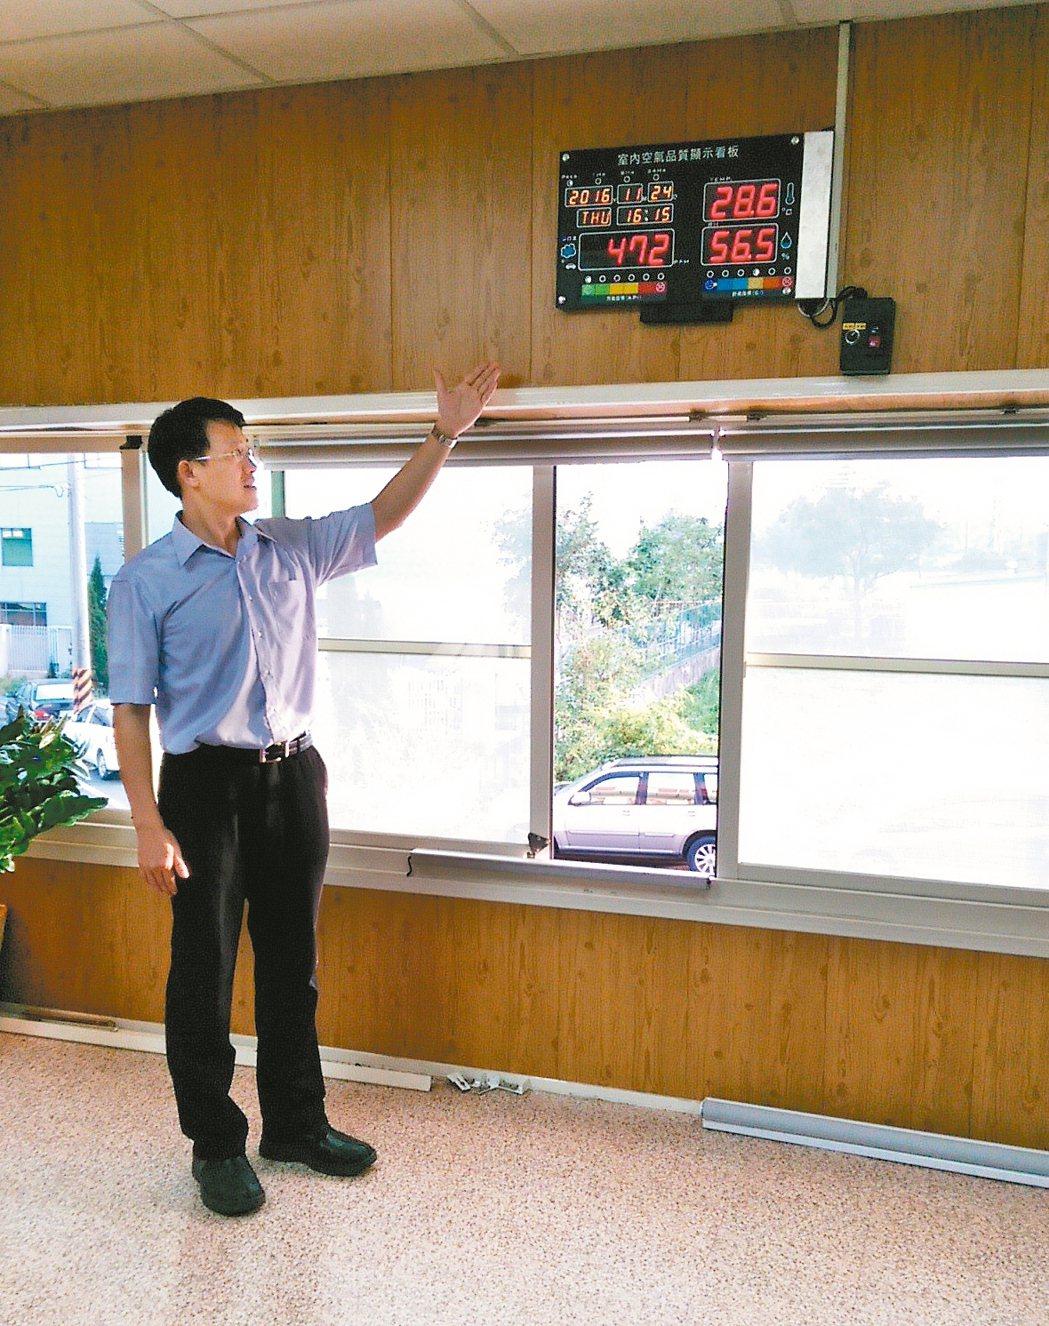 銘祥科技總經理楊俊銘表示,JNC智能開窗機自動偵測危險,自動開窗通風。 莊智強/...